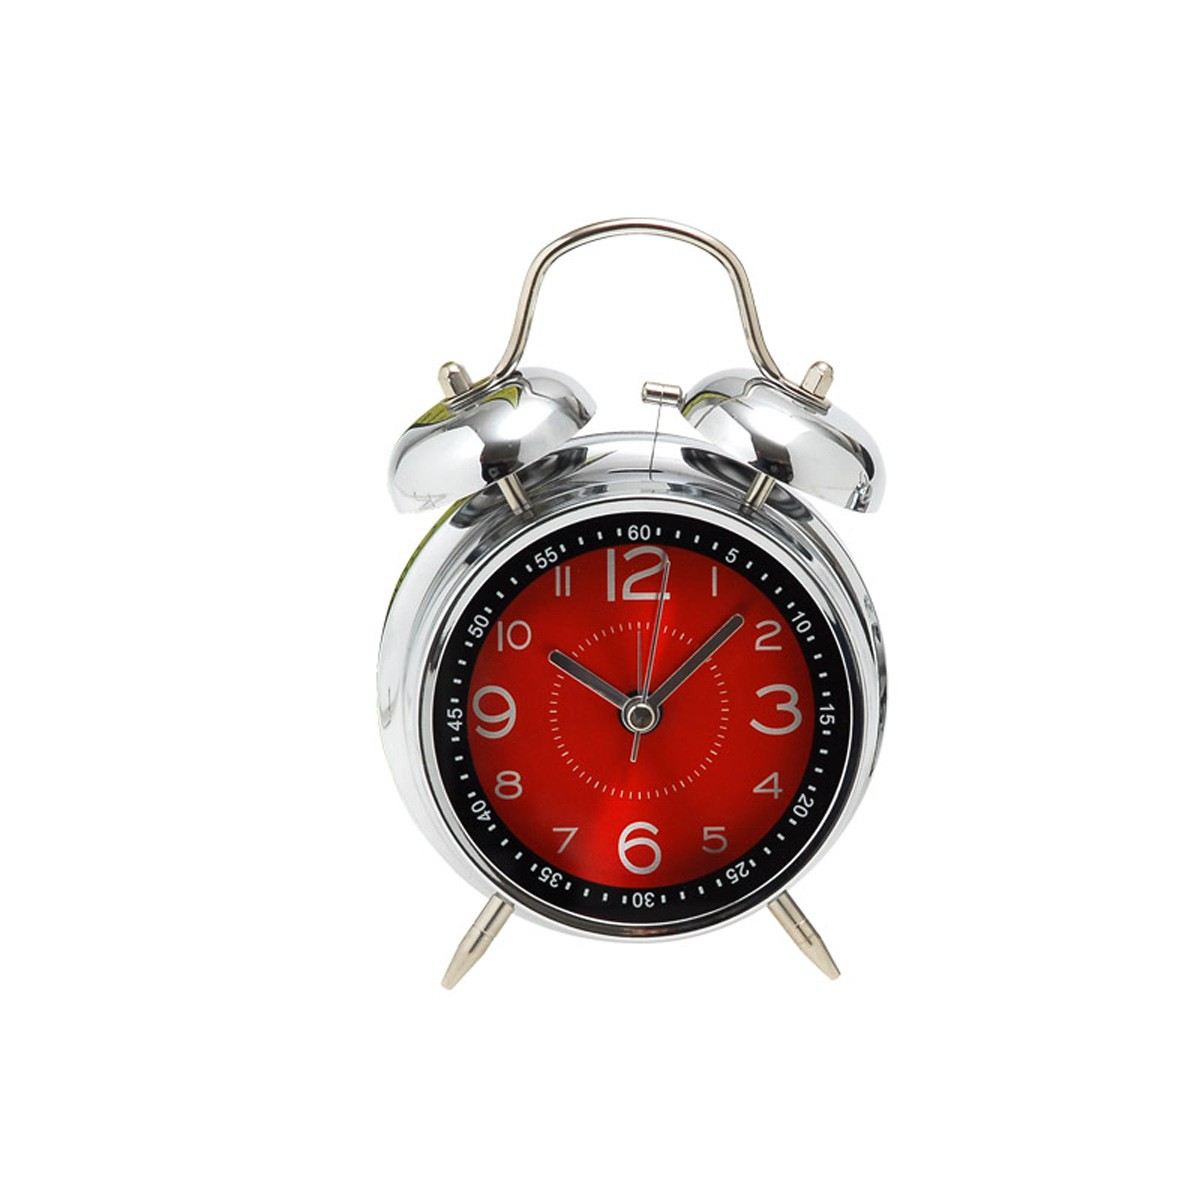 Επιτραπέζιο Ρολόι - Ξυπνητήρι Home Design DAN40/8R Red/SIlver